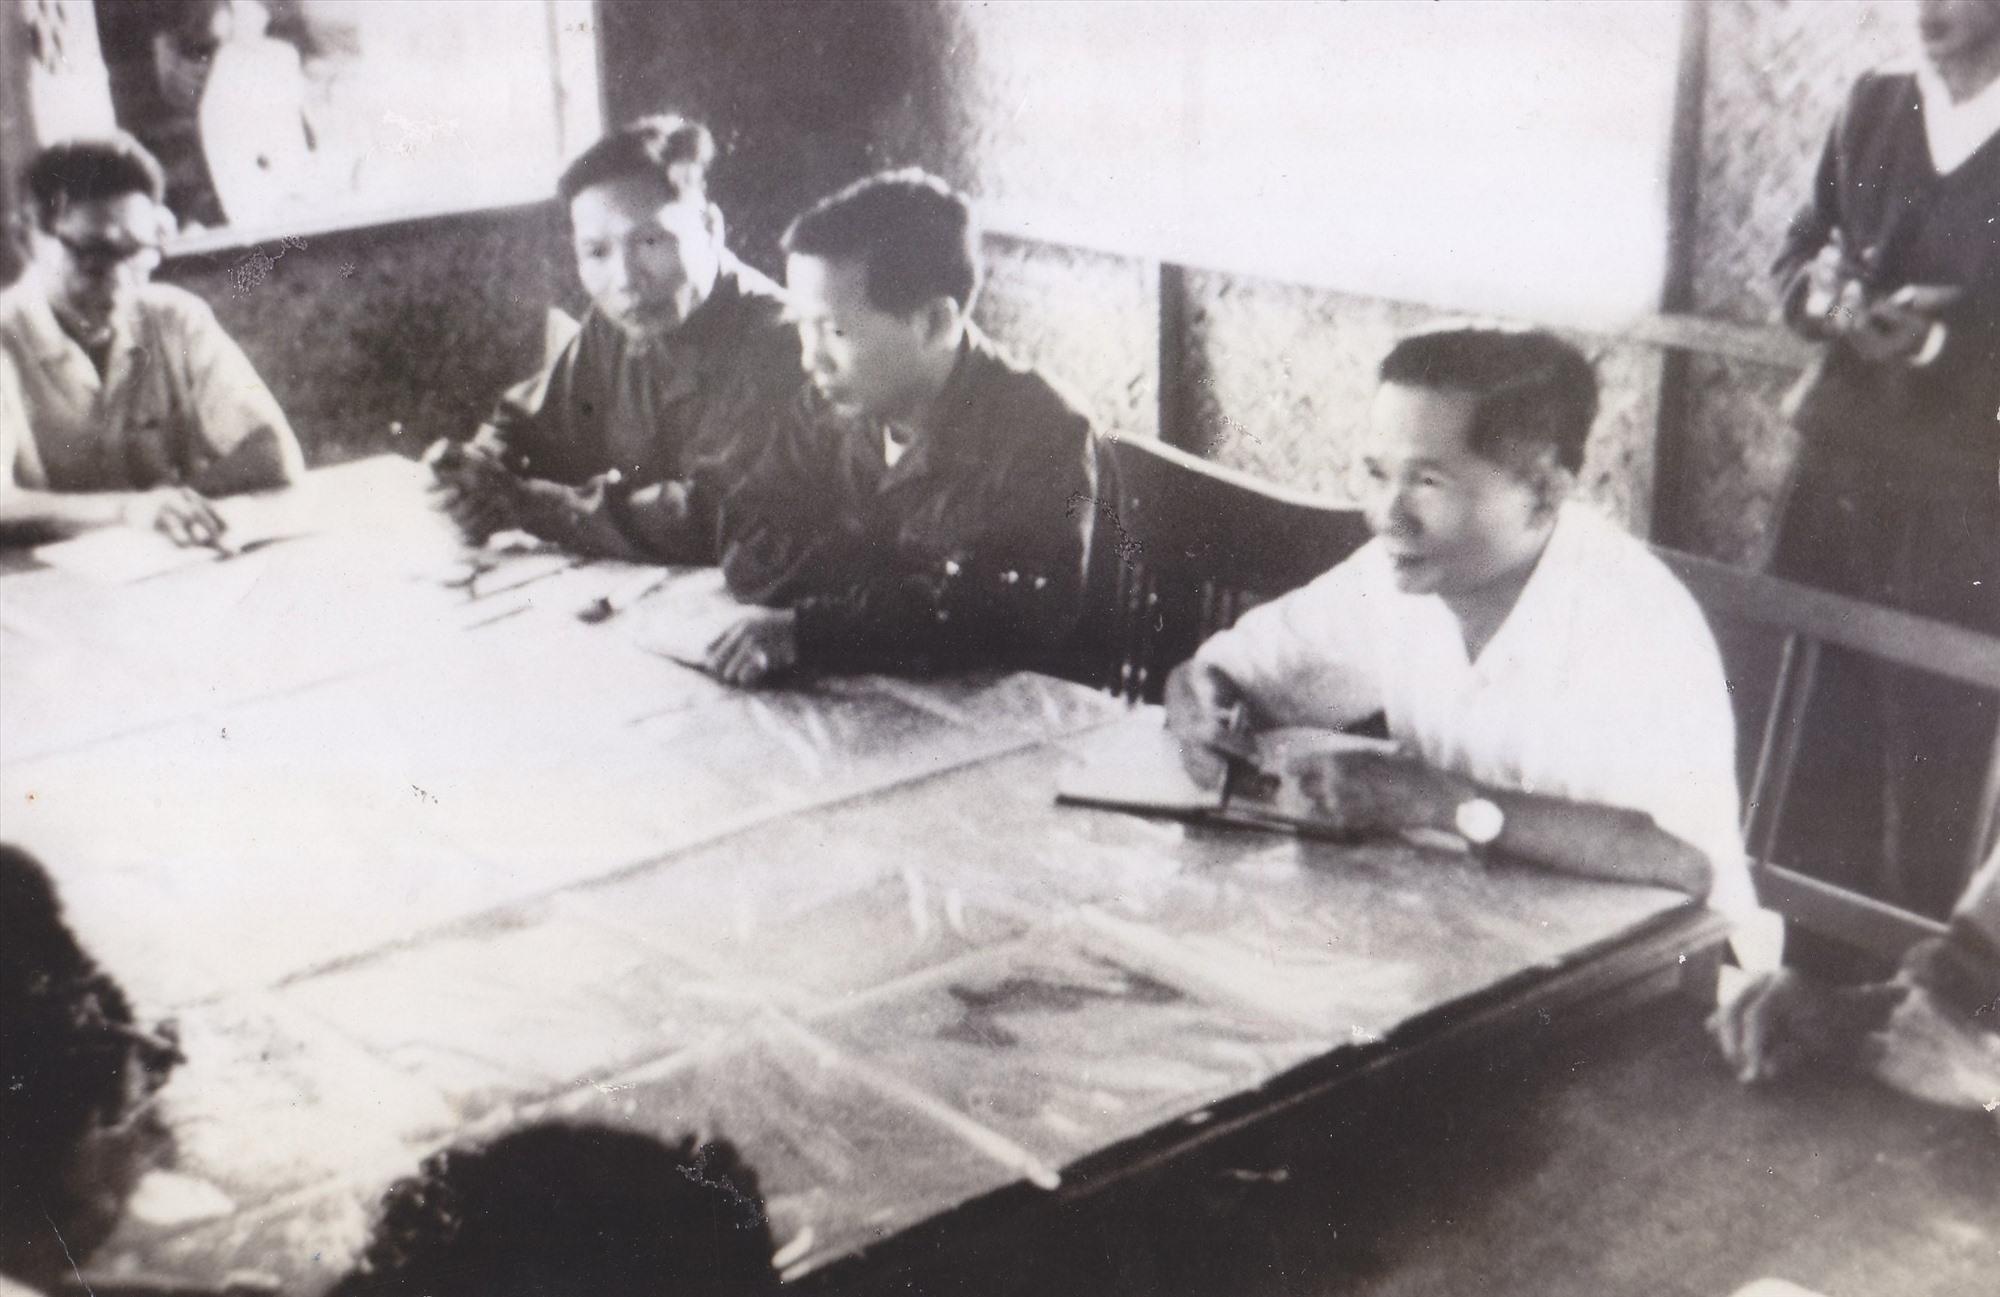 Đặc Khu ủy Quảng Đà họp thông qua kế hoạch giải phóng Đà Nẵng (24-3-1975).